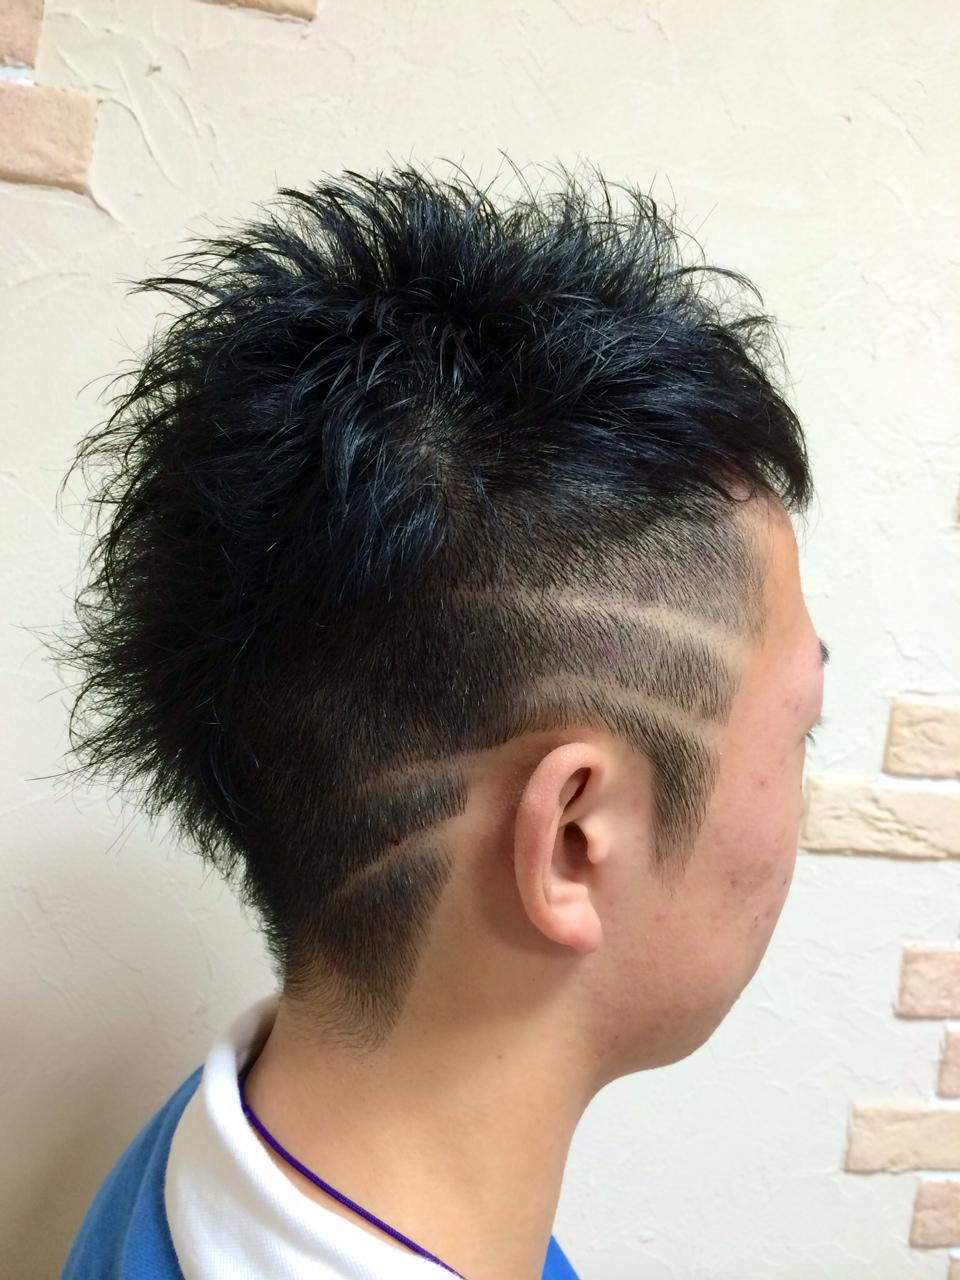 バリアート ライン イベントスタイル パーティースタイル HAIR's ma't 理・美容室(ヘアーズ マッツ)